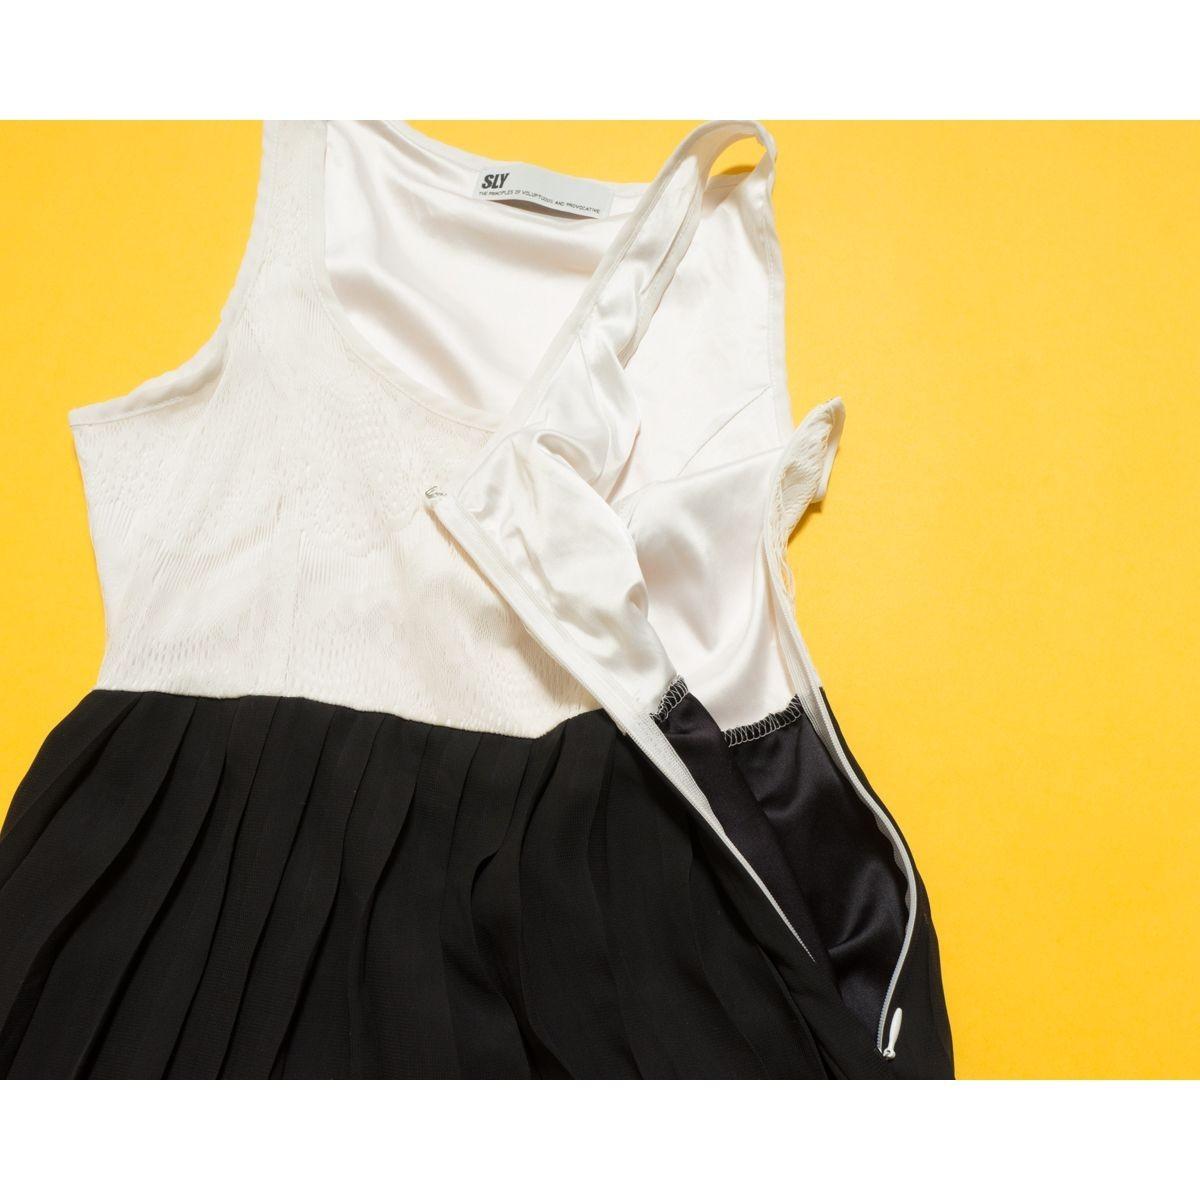 ゆうパケット◯ SLY スライ レーストップス×プリーツシフォンスカート ノースリーブワンピース ホワイト/ブラック 白/黒 1 ef9a096_画像4